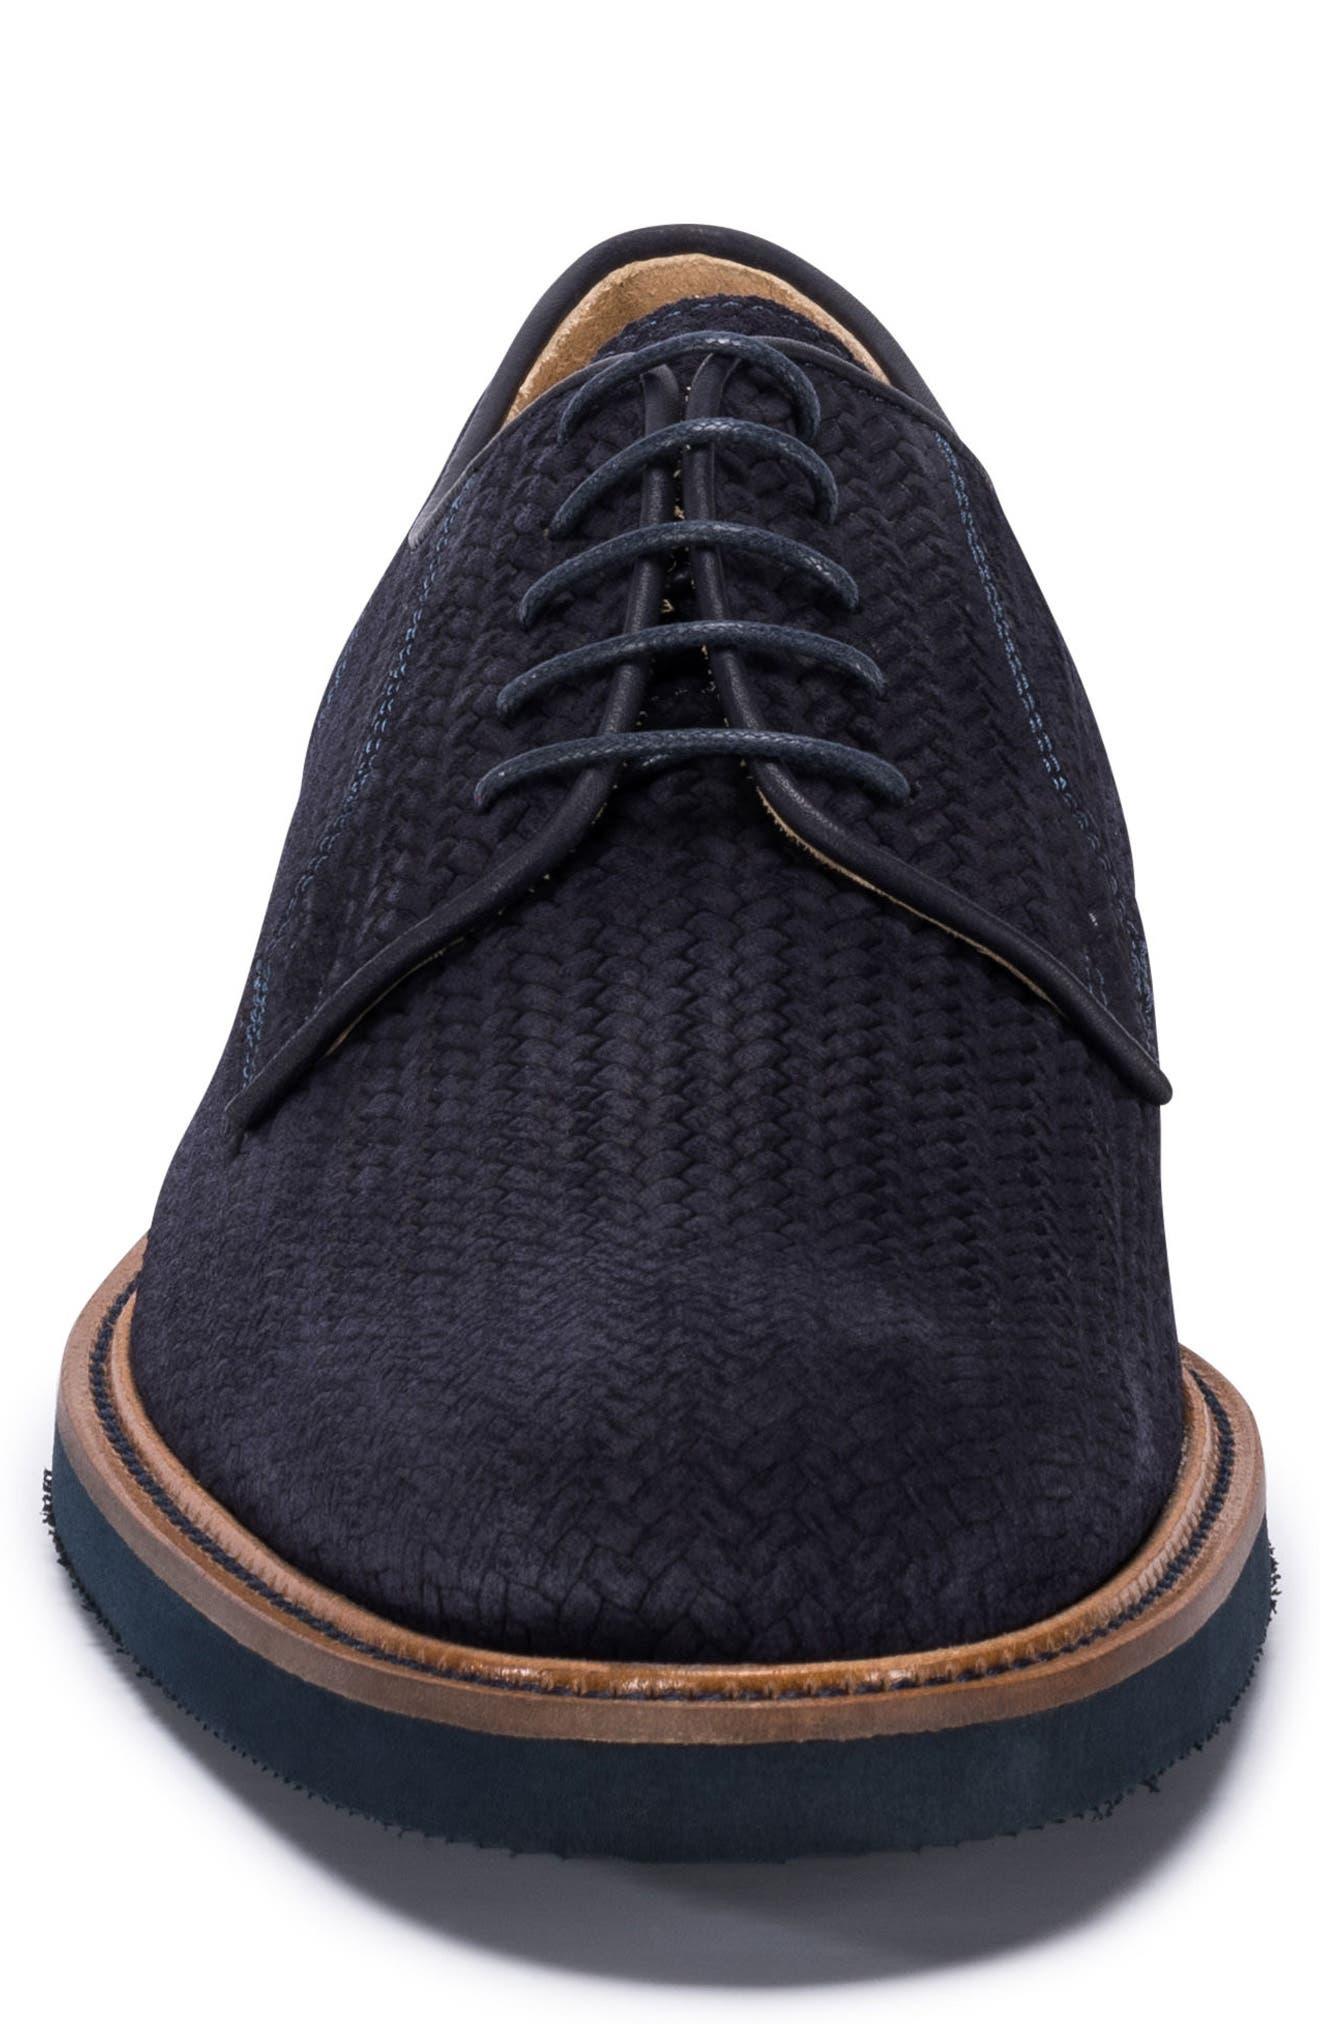 Woven Plain Toe Derby,                             Alternate thumbnail 4, color,                             Blue Suede